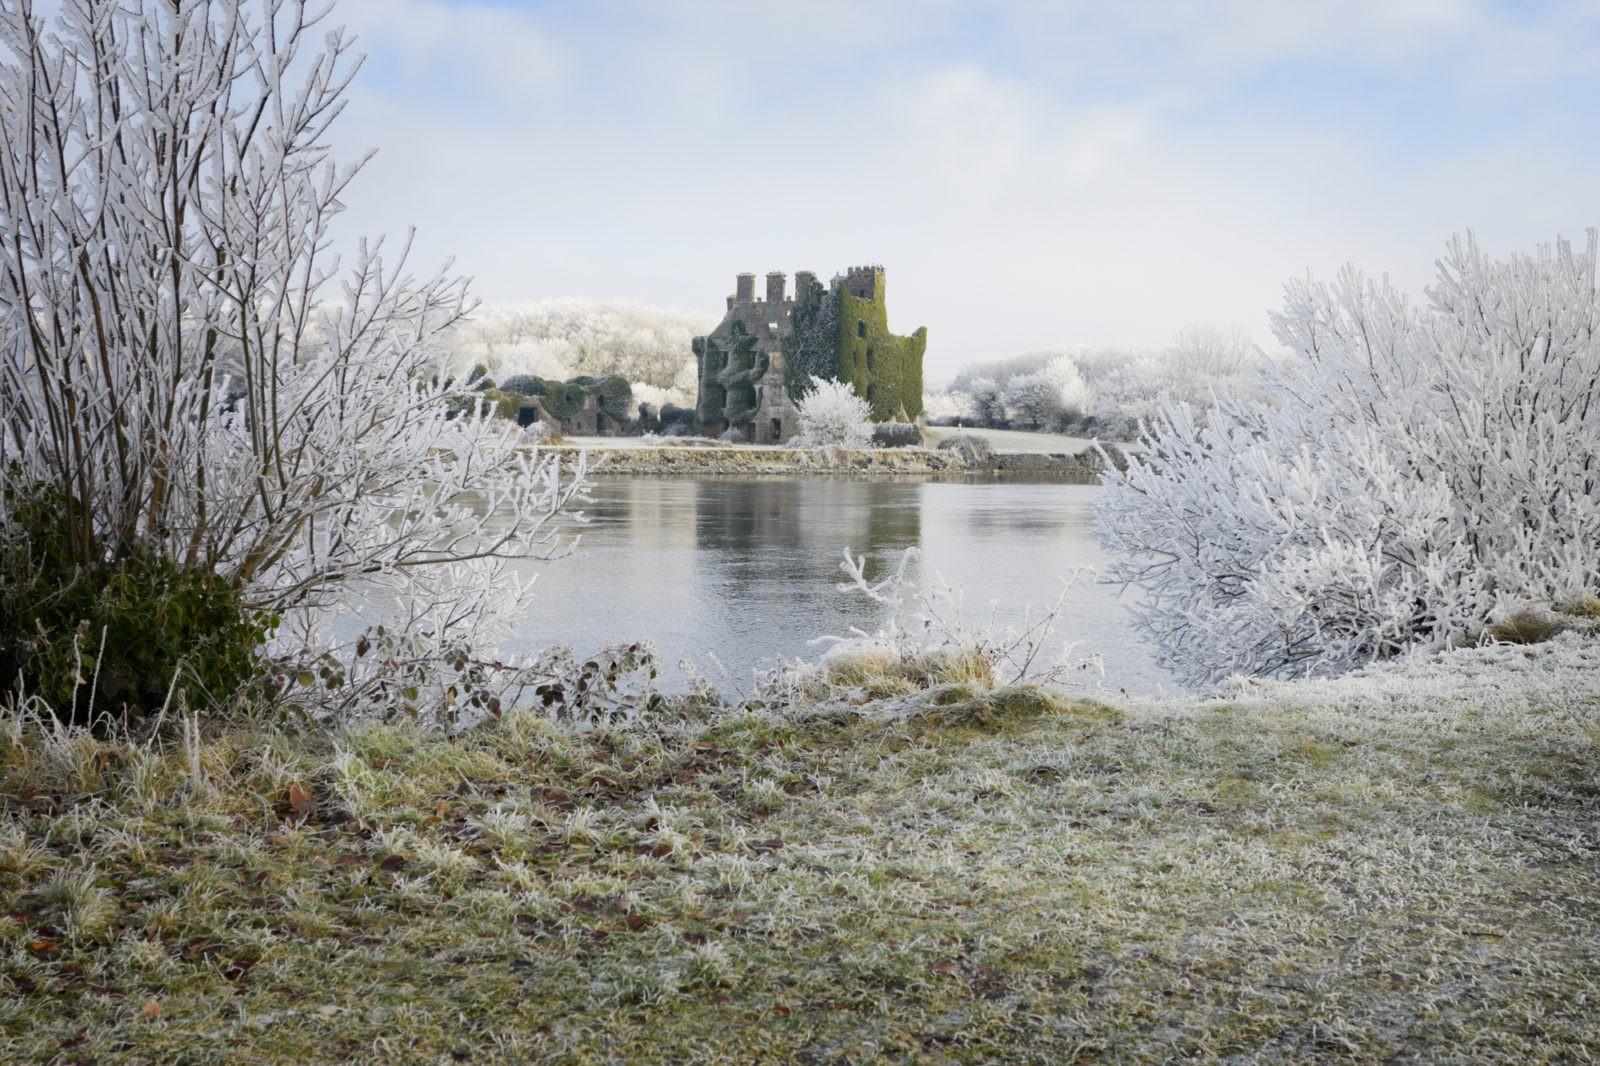 ТОП 10 достопримечательностей Ирландии или что нужно сделать на острове, чтобы почувствовать себя настоящим ирландцем.